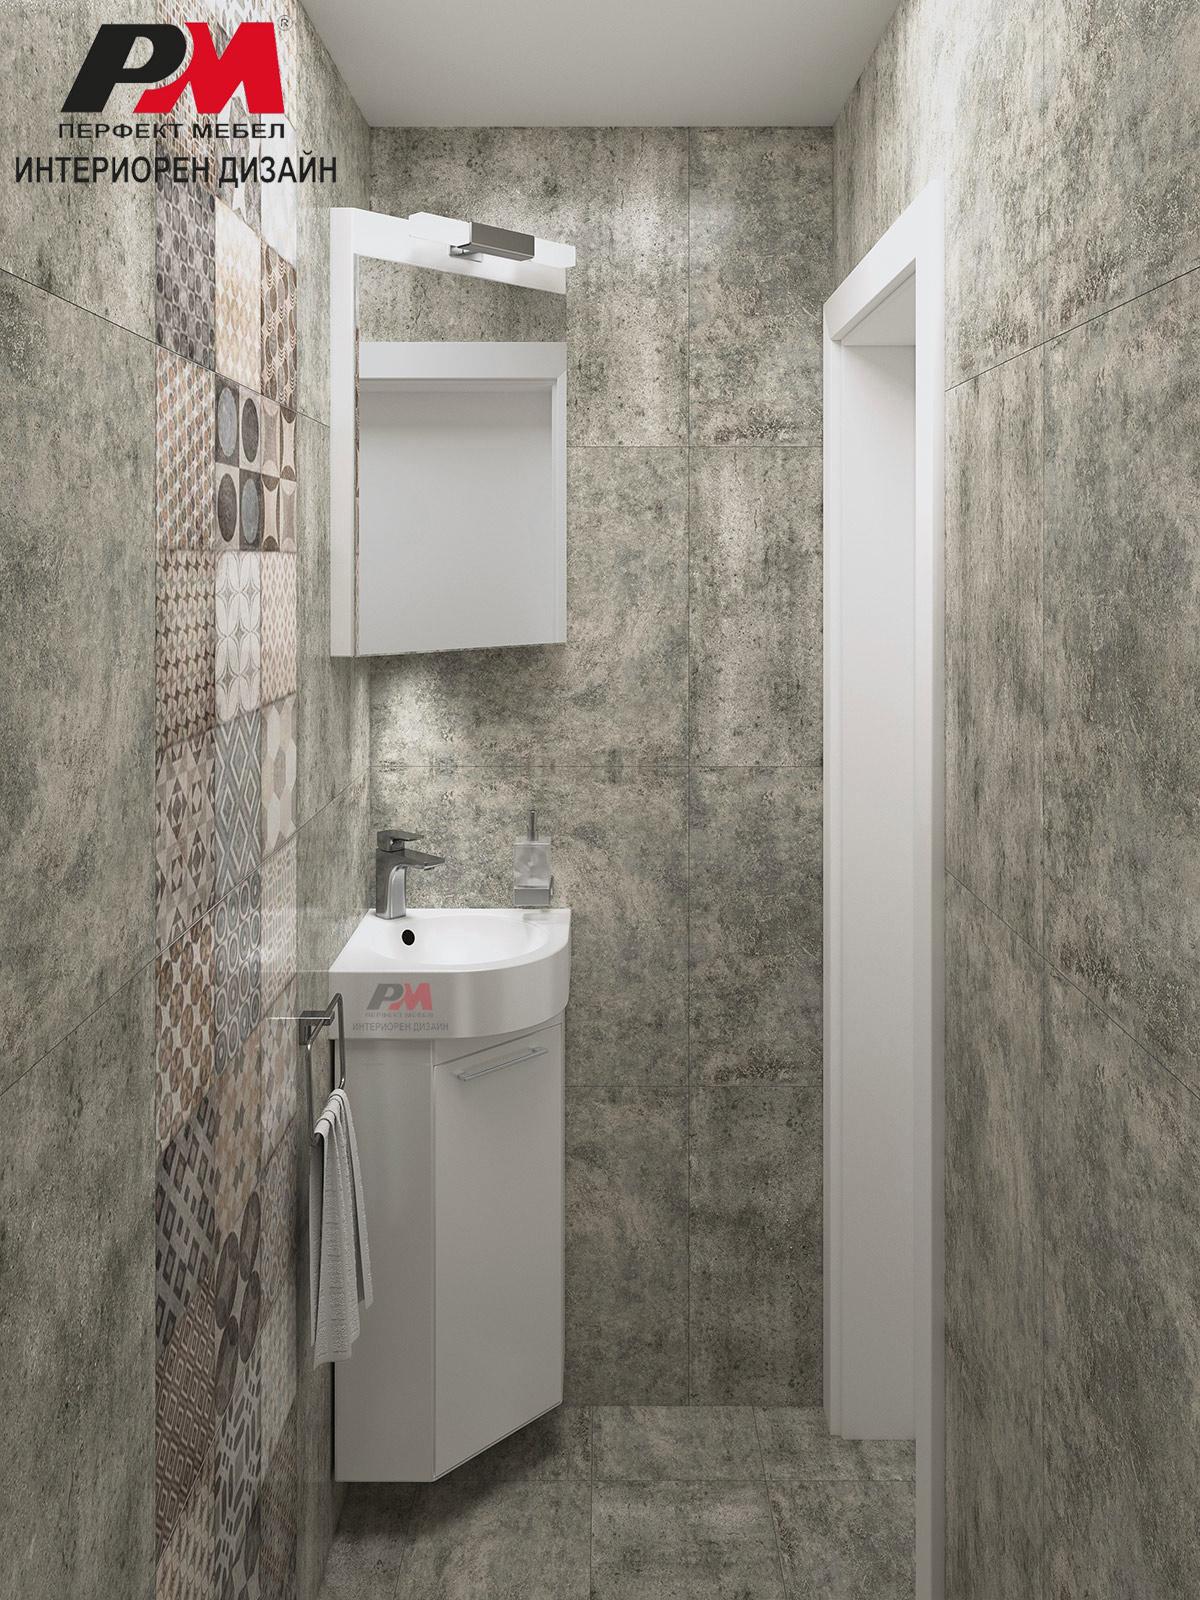 Декоративни плочки и бетон в единно съчетание